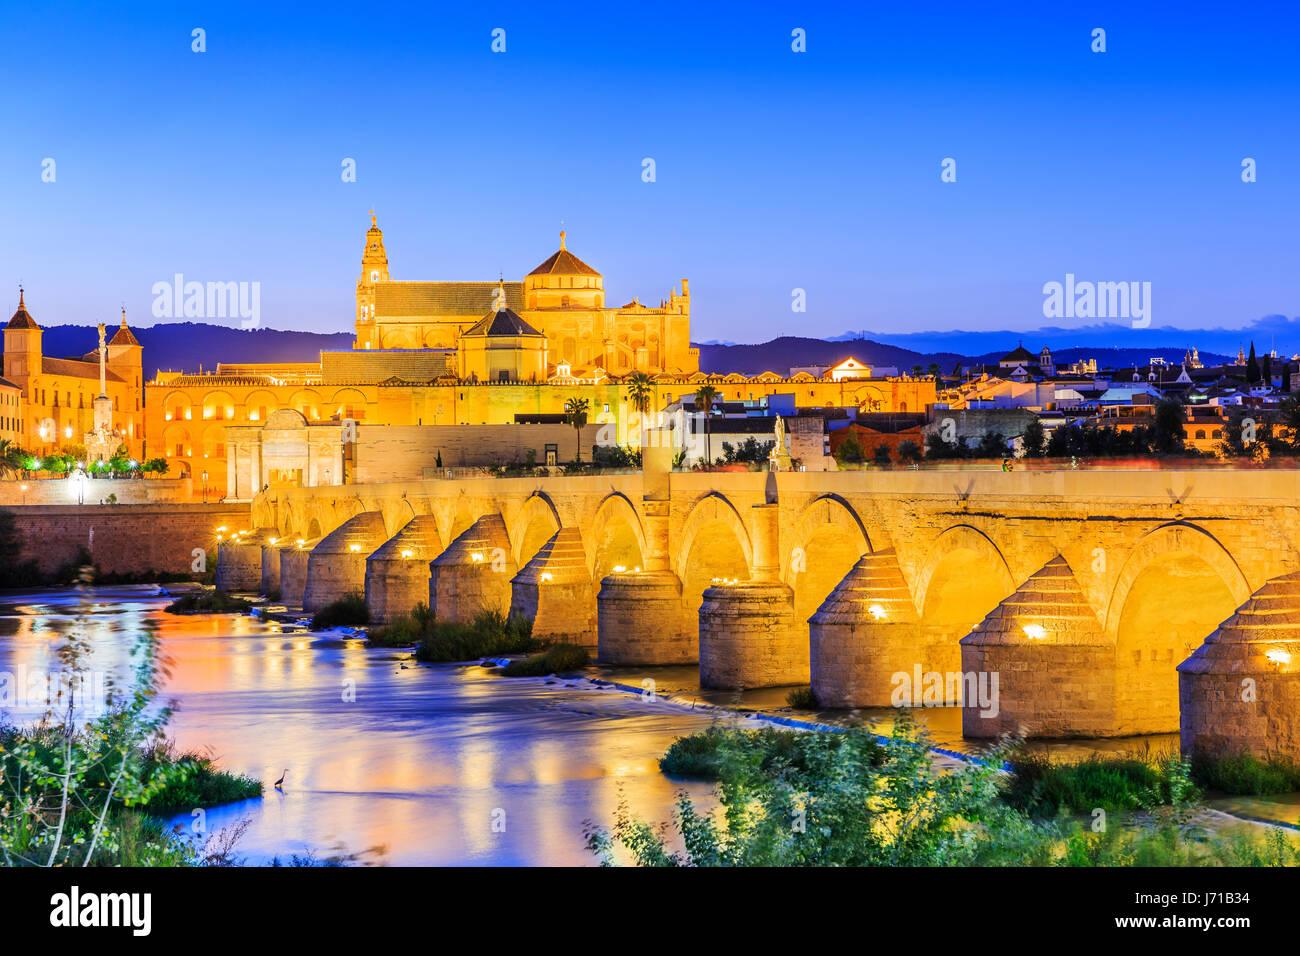 Cordoba, España. El Puente Romano y la Mezquita (Catedral) sobre el río Guadalquivir. Imagen De Stock